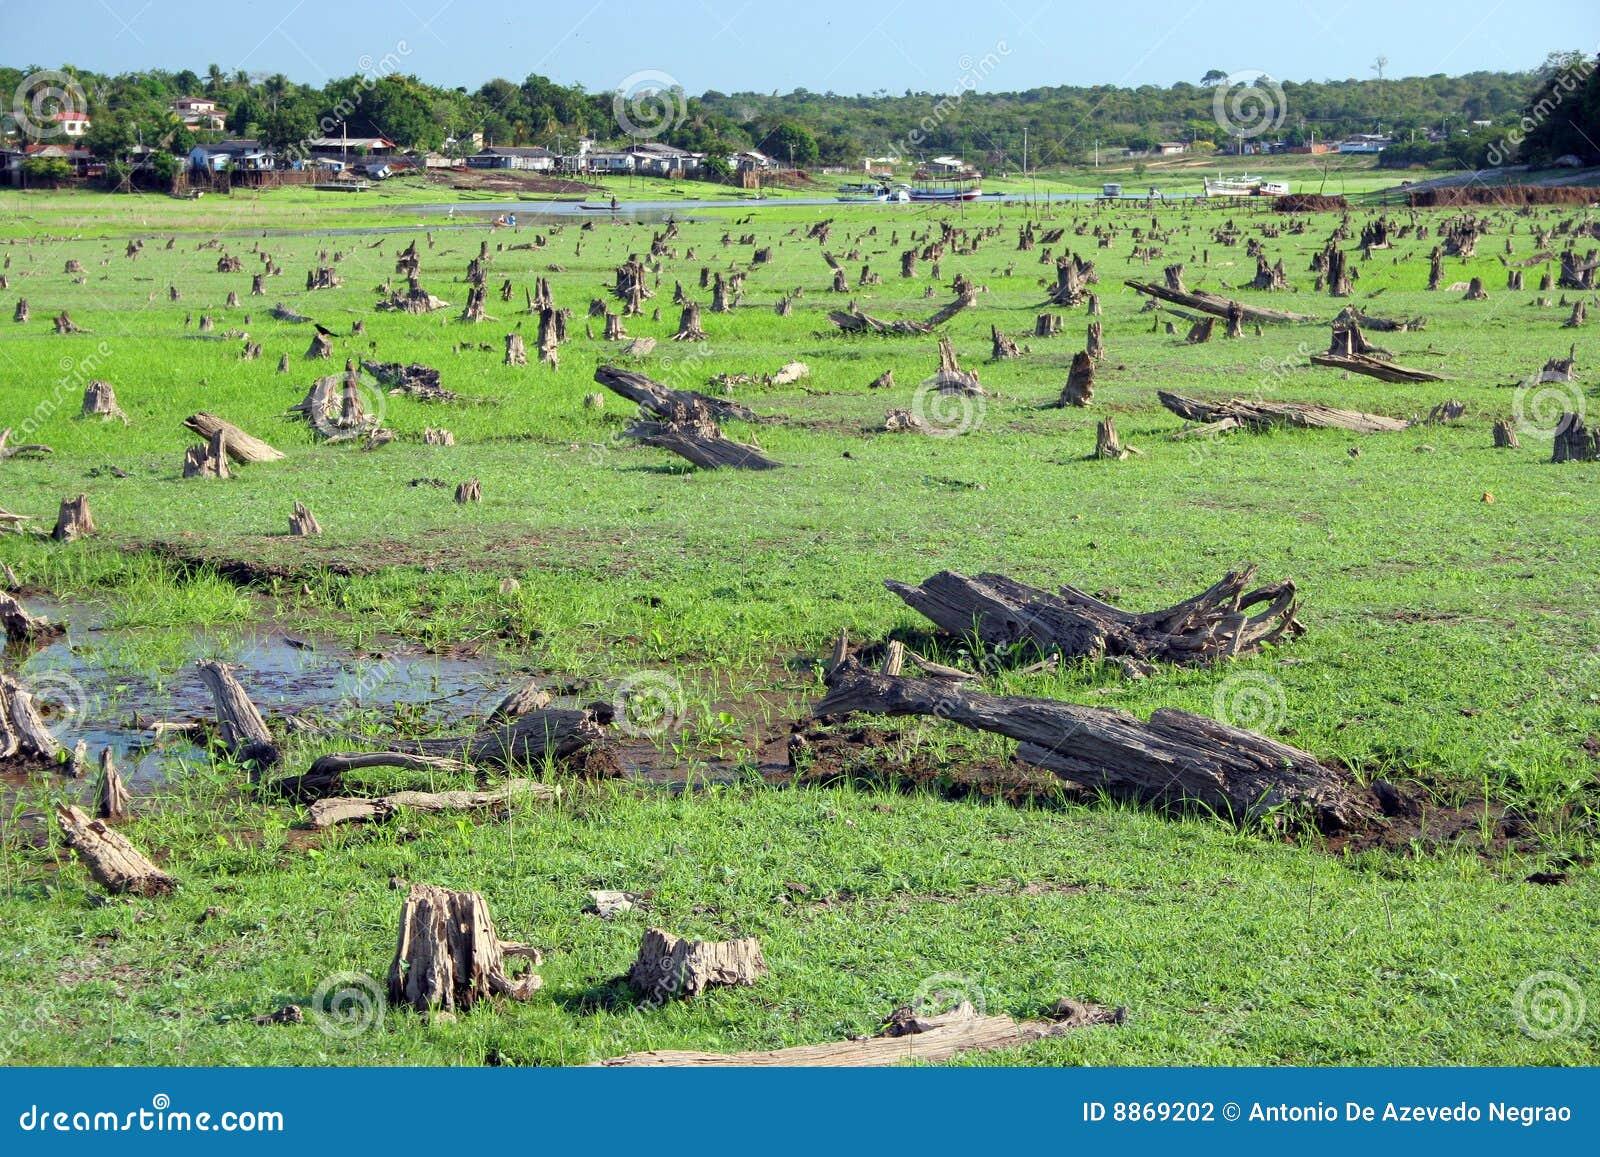 Forest devastated